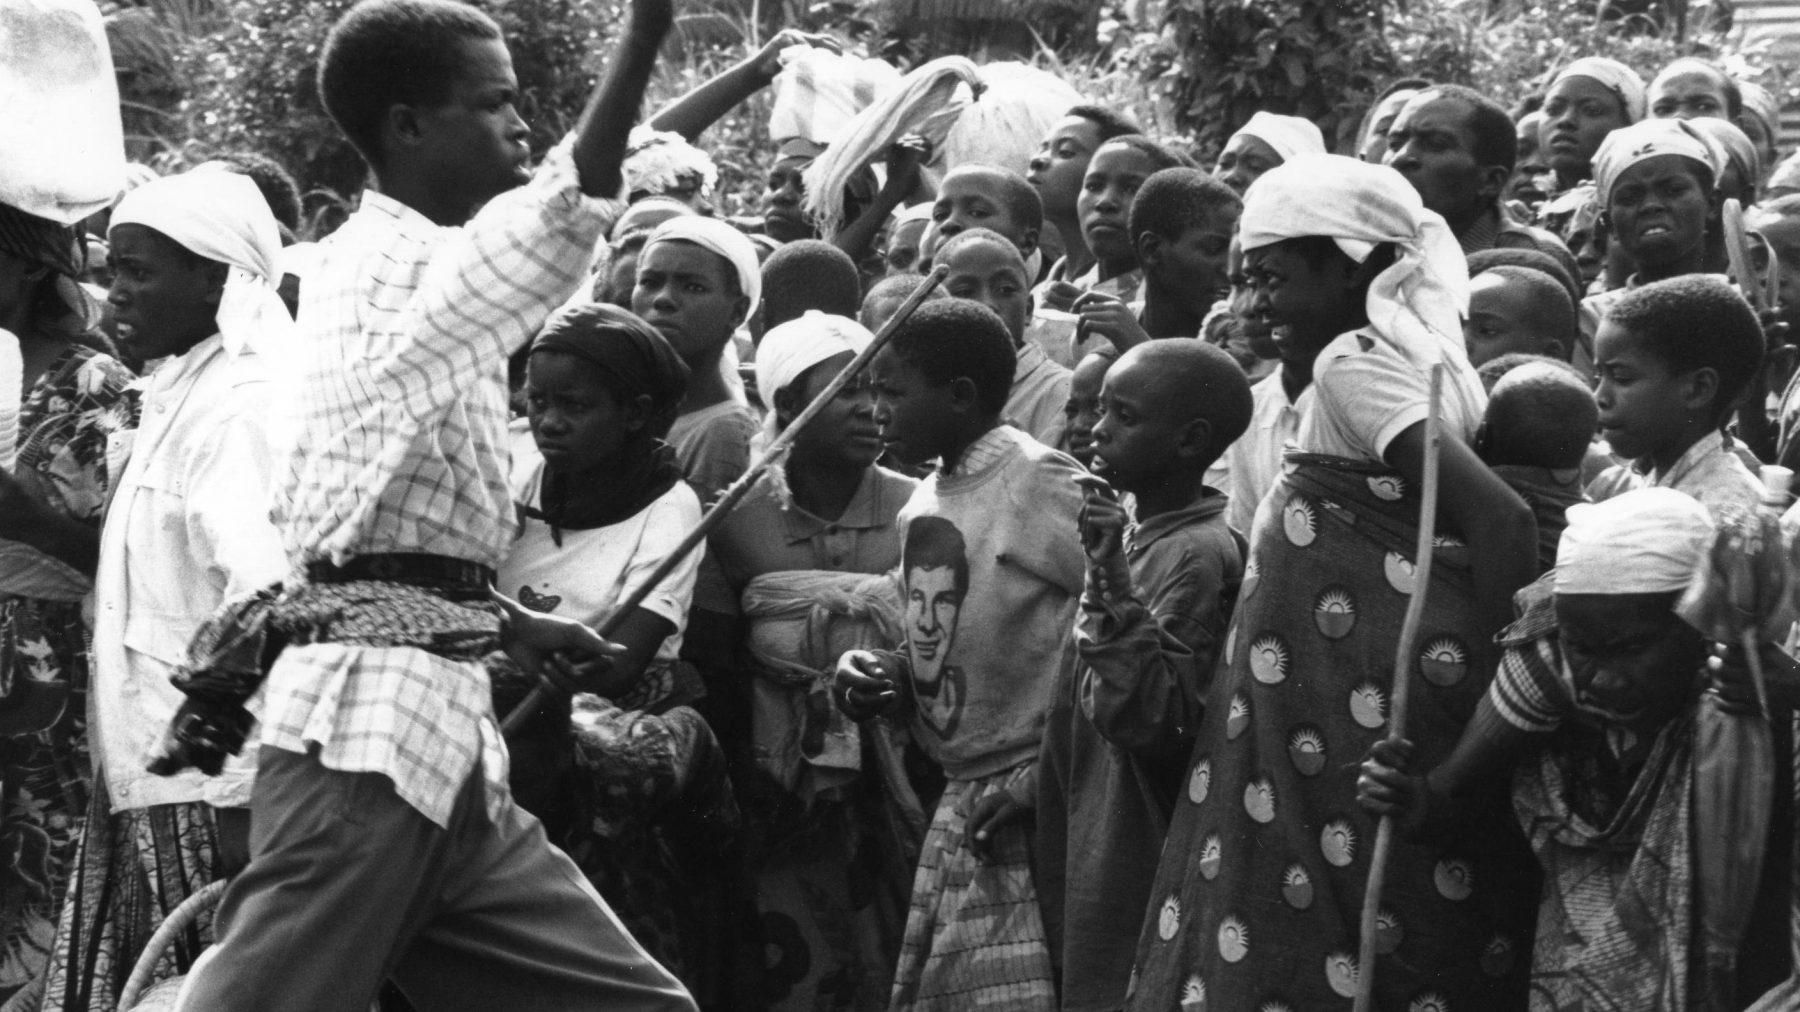 visiteurs-a-la-prison-de-butare-1-1994